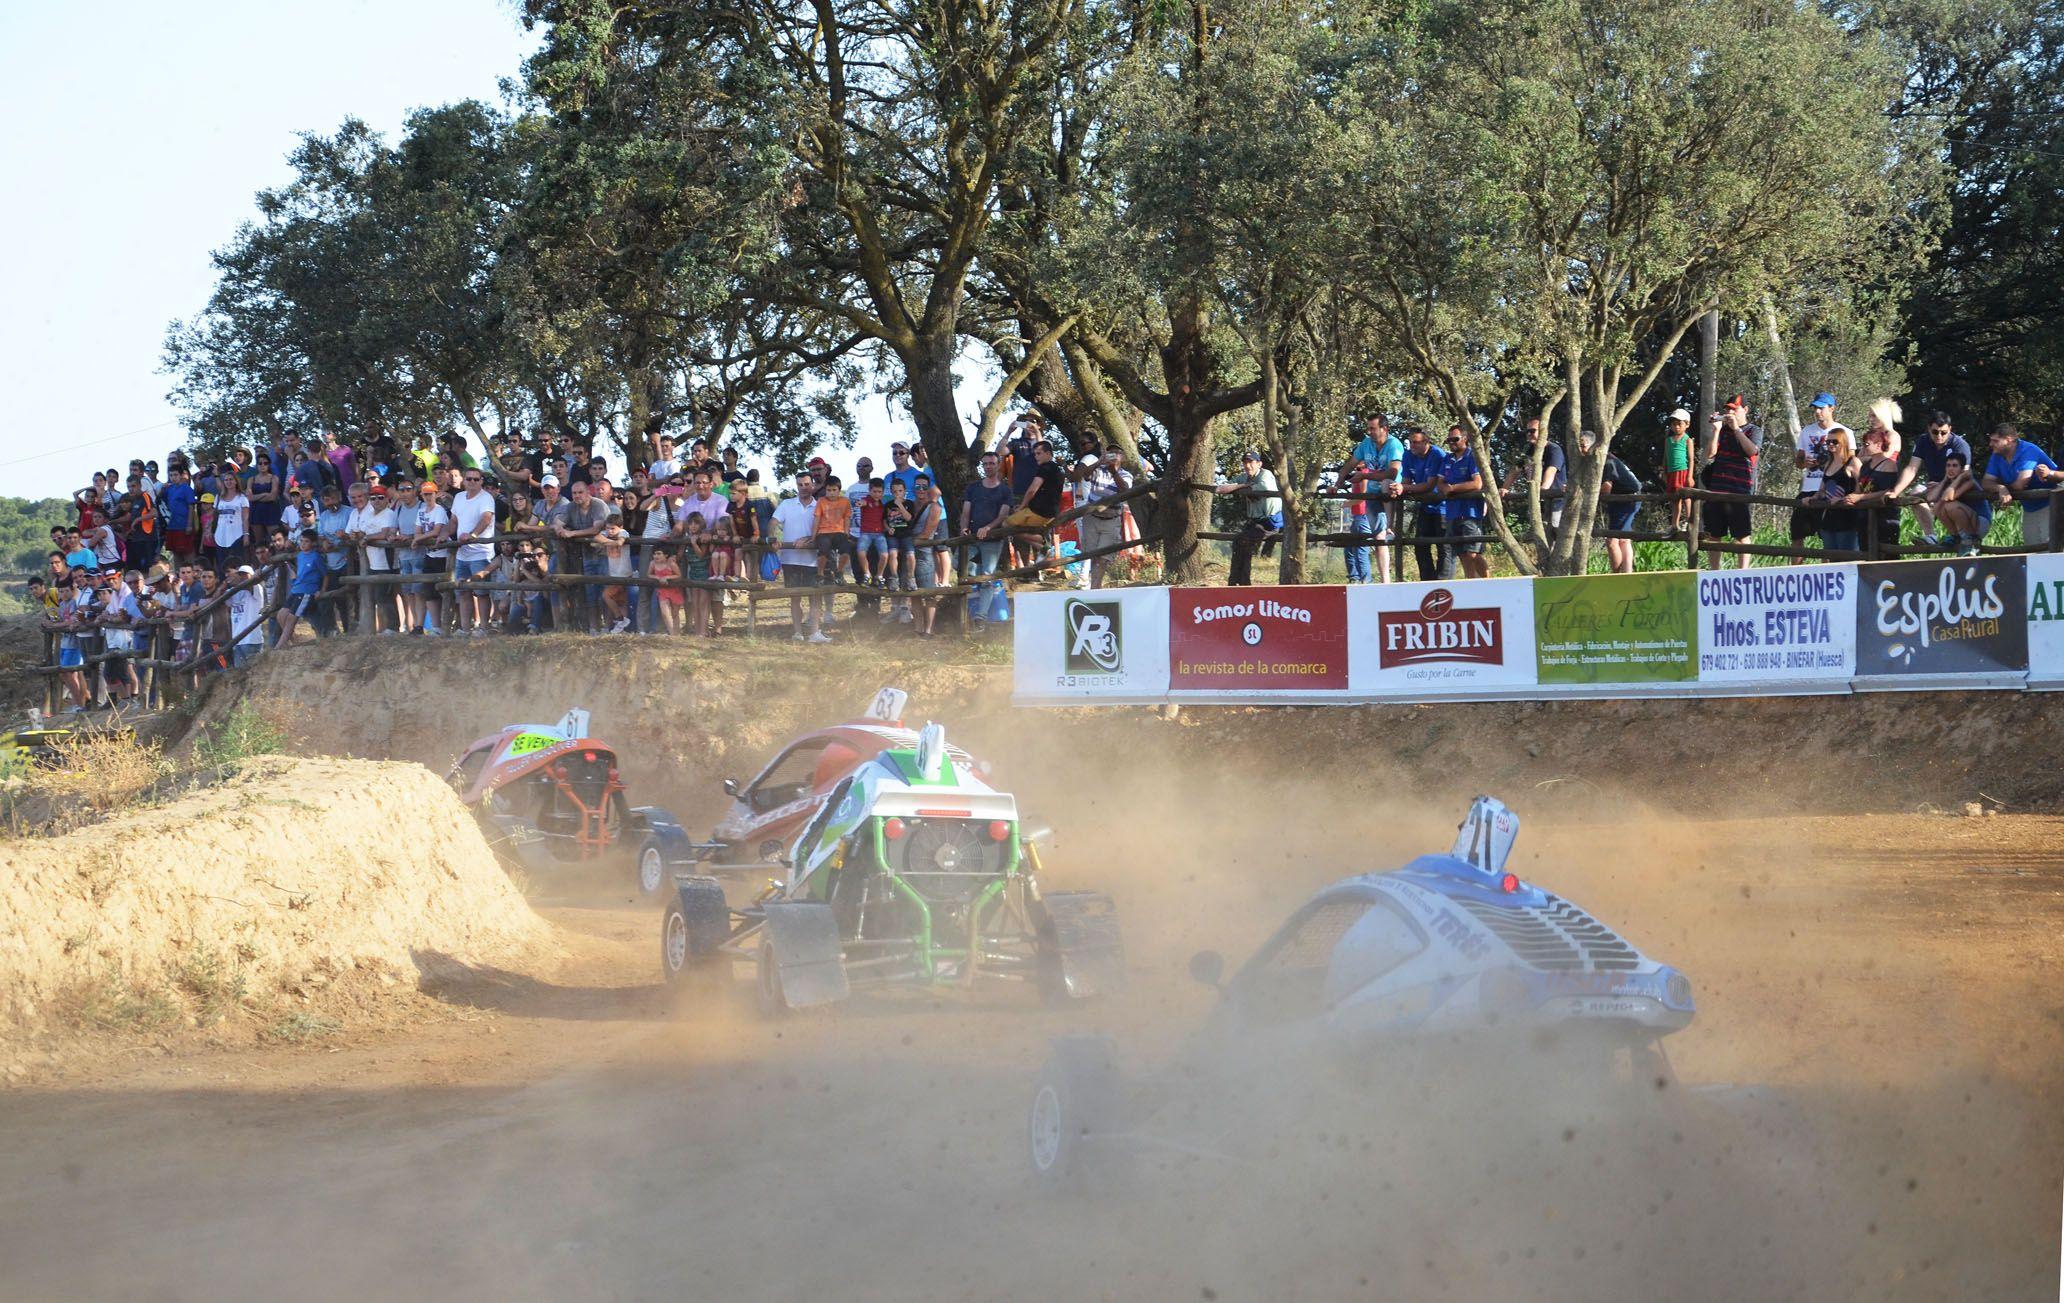 El Campeonato de España de Autocross llega en julio a Esplús